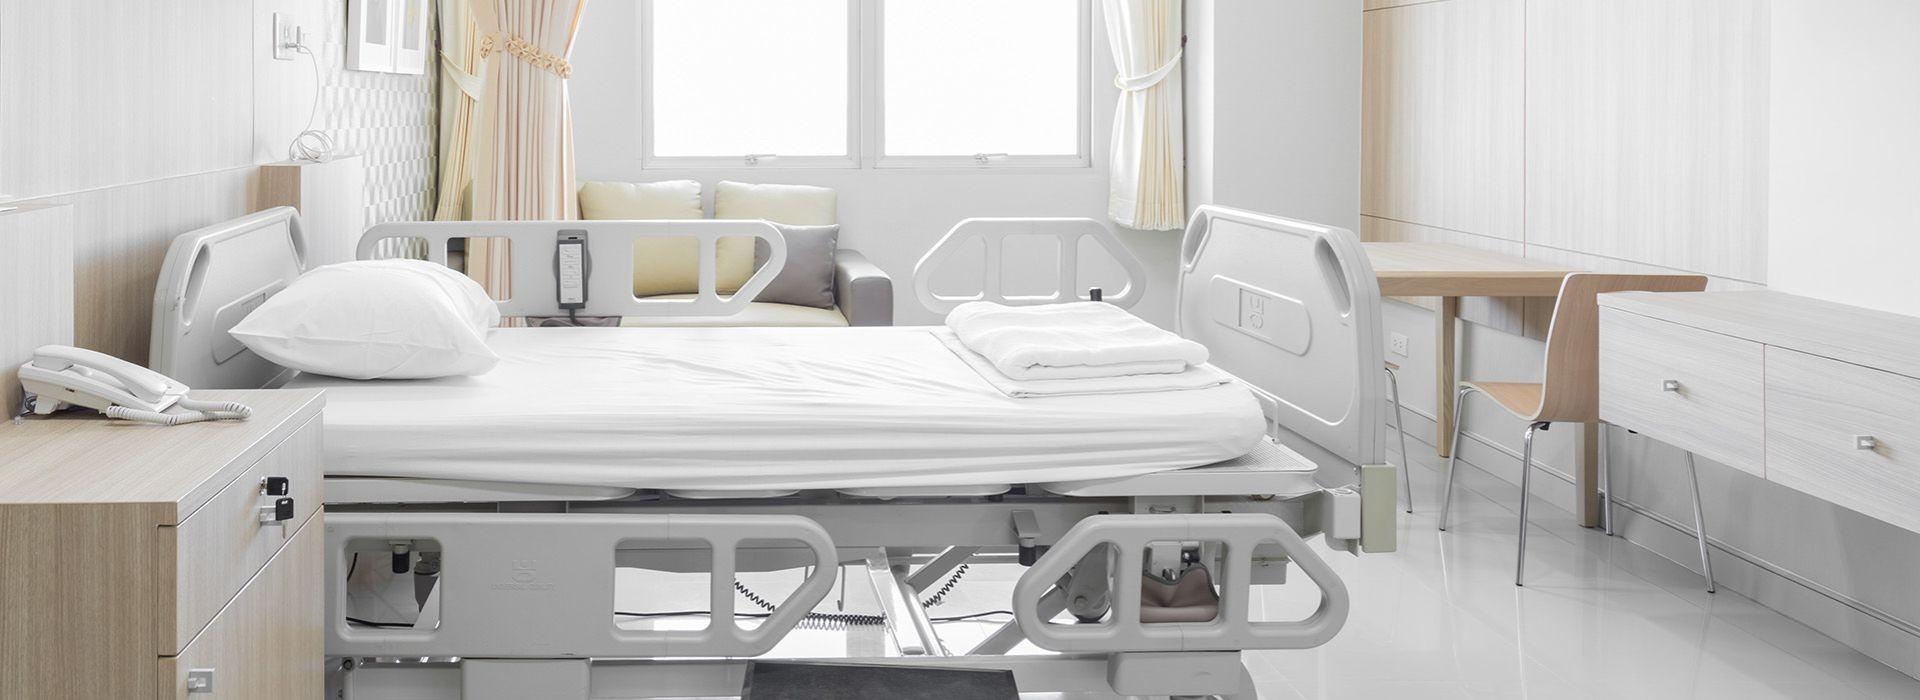 HOSPITAL TEXTILES